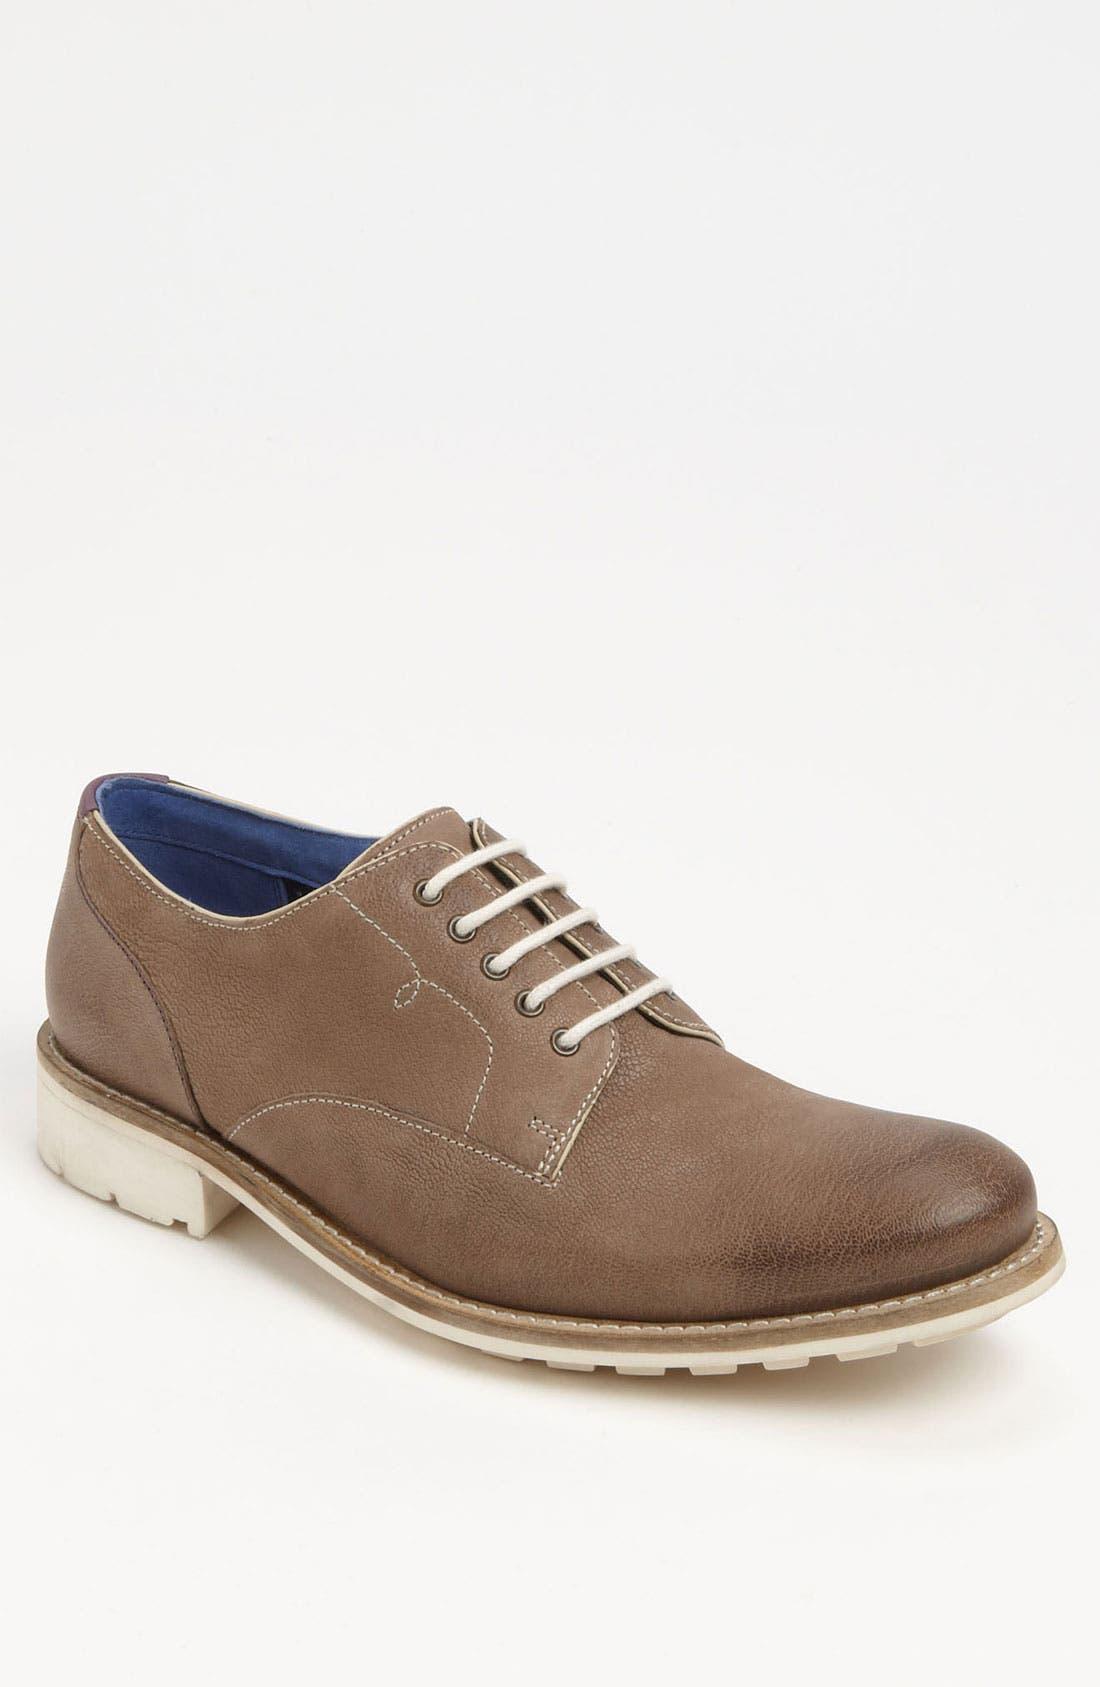 Main Image - Ted Baker London 'Tich' Buck Shoe